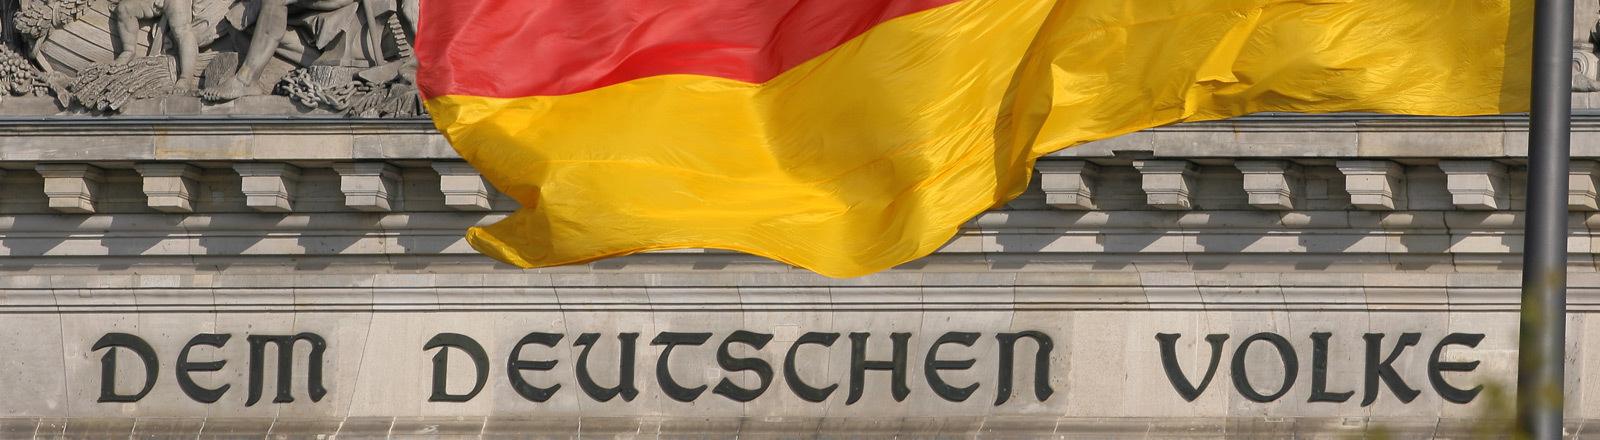 """Reichstagsgebäude mit der Aufschrift """"Dem Deutschen Volke"""""""